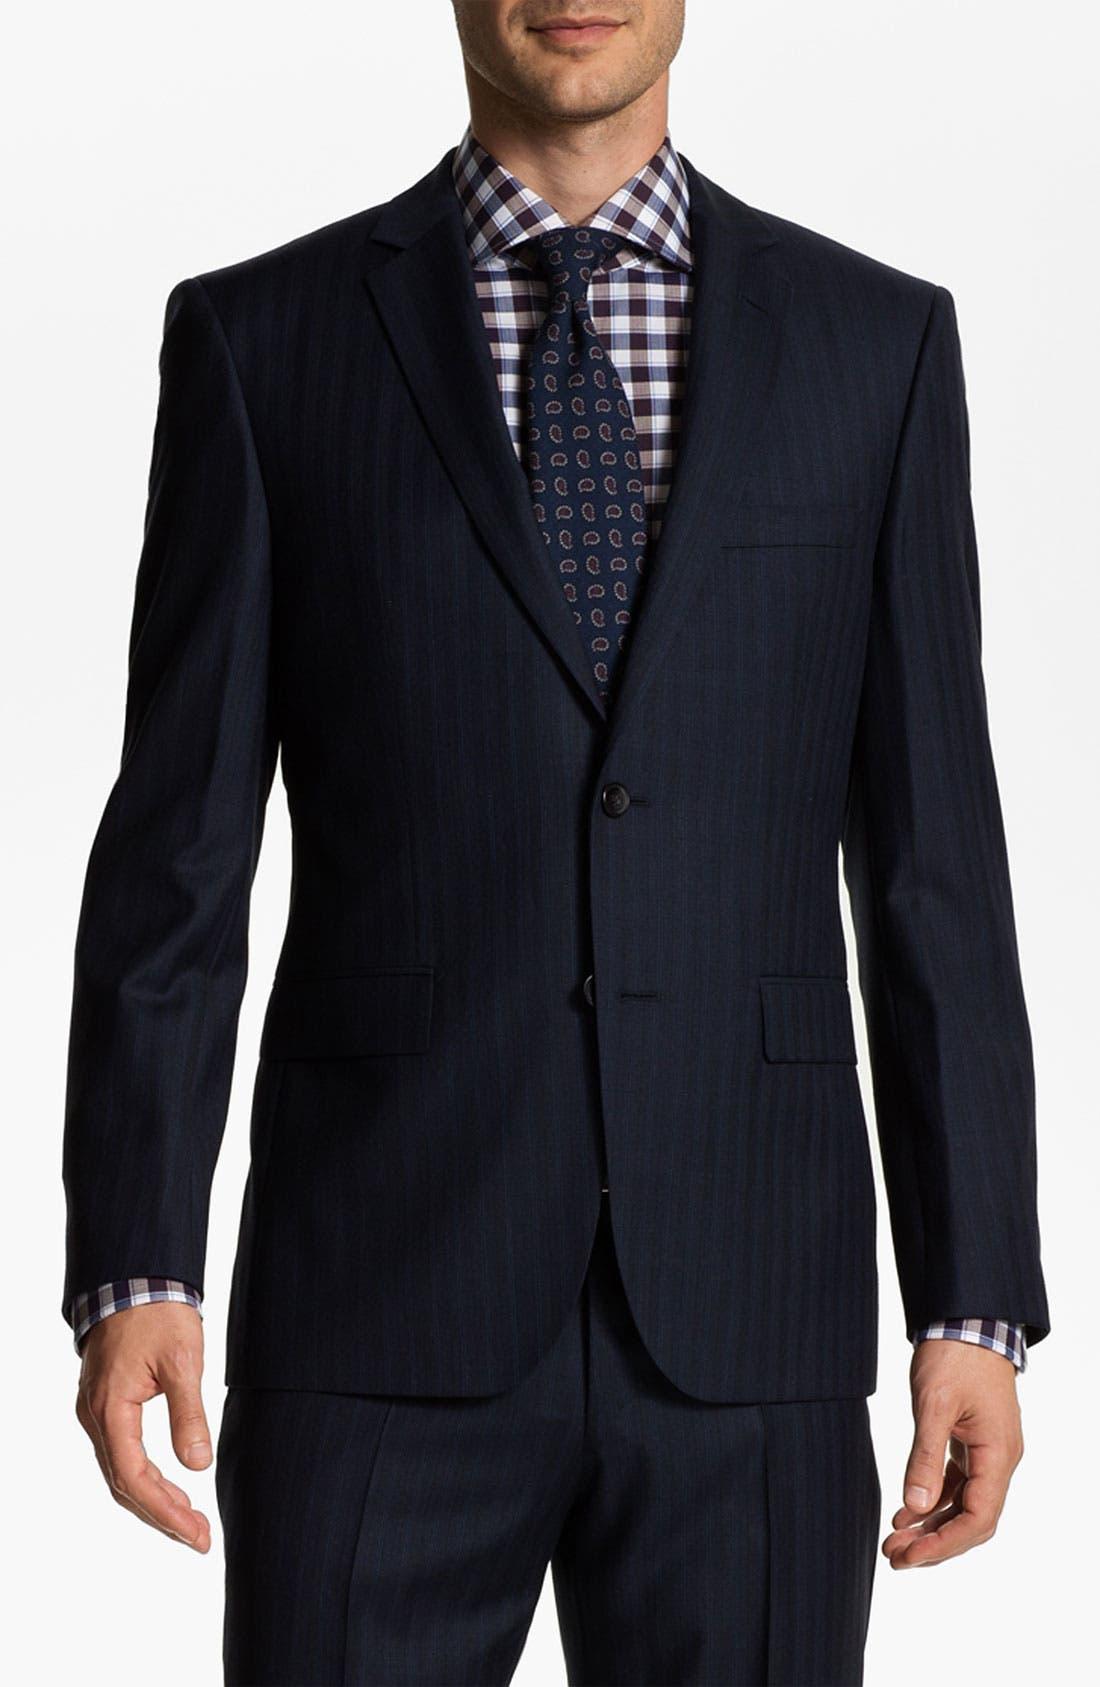 Main Image - BOSS Selection 'Howard/Court' Trim Fit Herringbone Suit